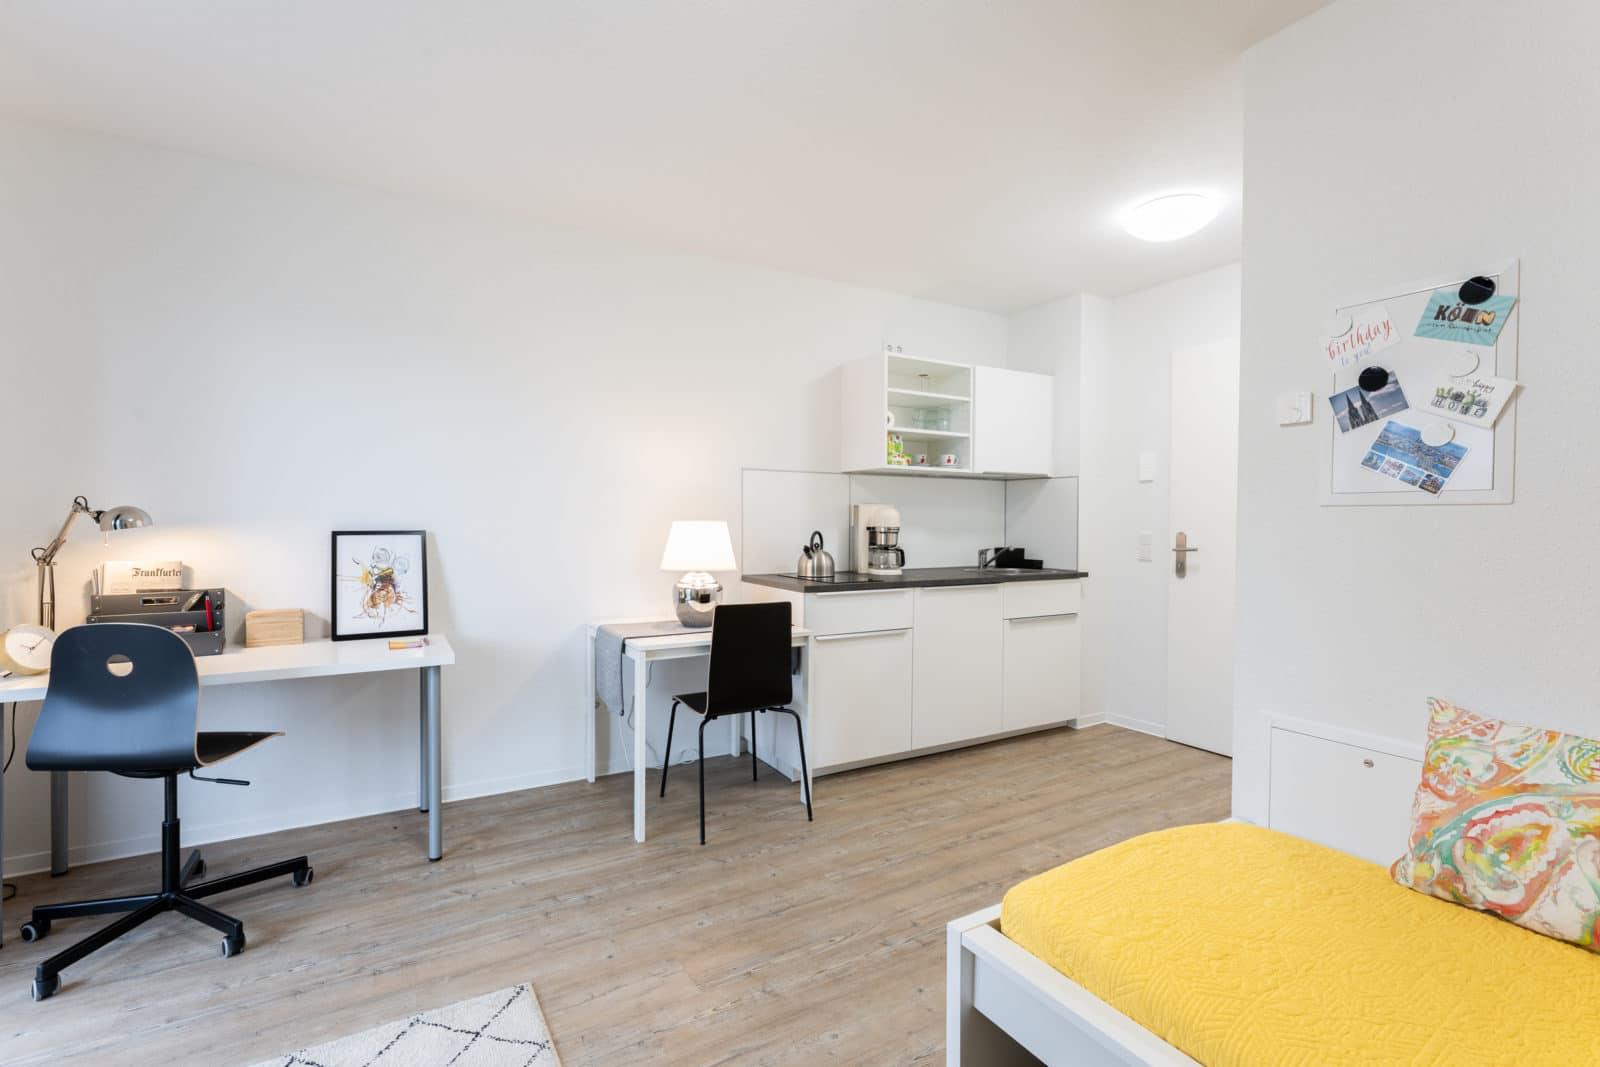 Innenansicht Studentenapartment Bonn: Links Arbeitsbereich, rechts Pantry-Küche mit Essbereich.